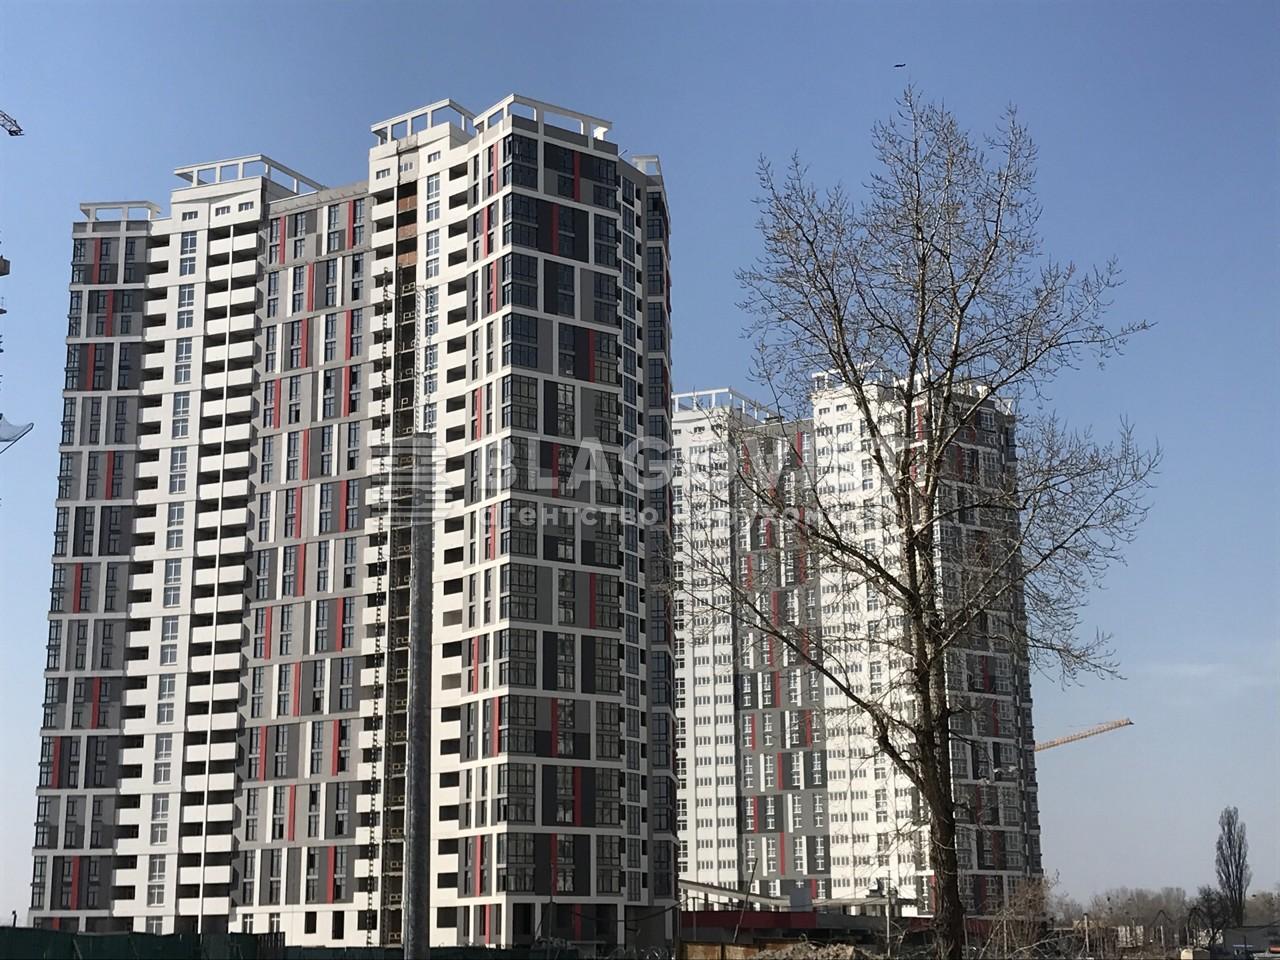 Нежилое помещение, H-45327, Маланюка Евгения (Сагайдака Степана), Киев - Фото 2